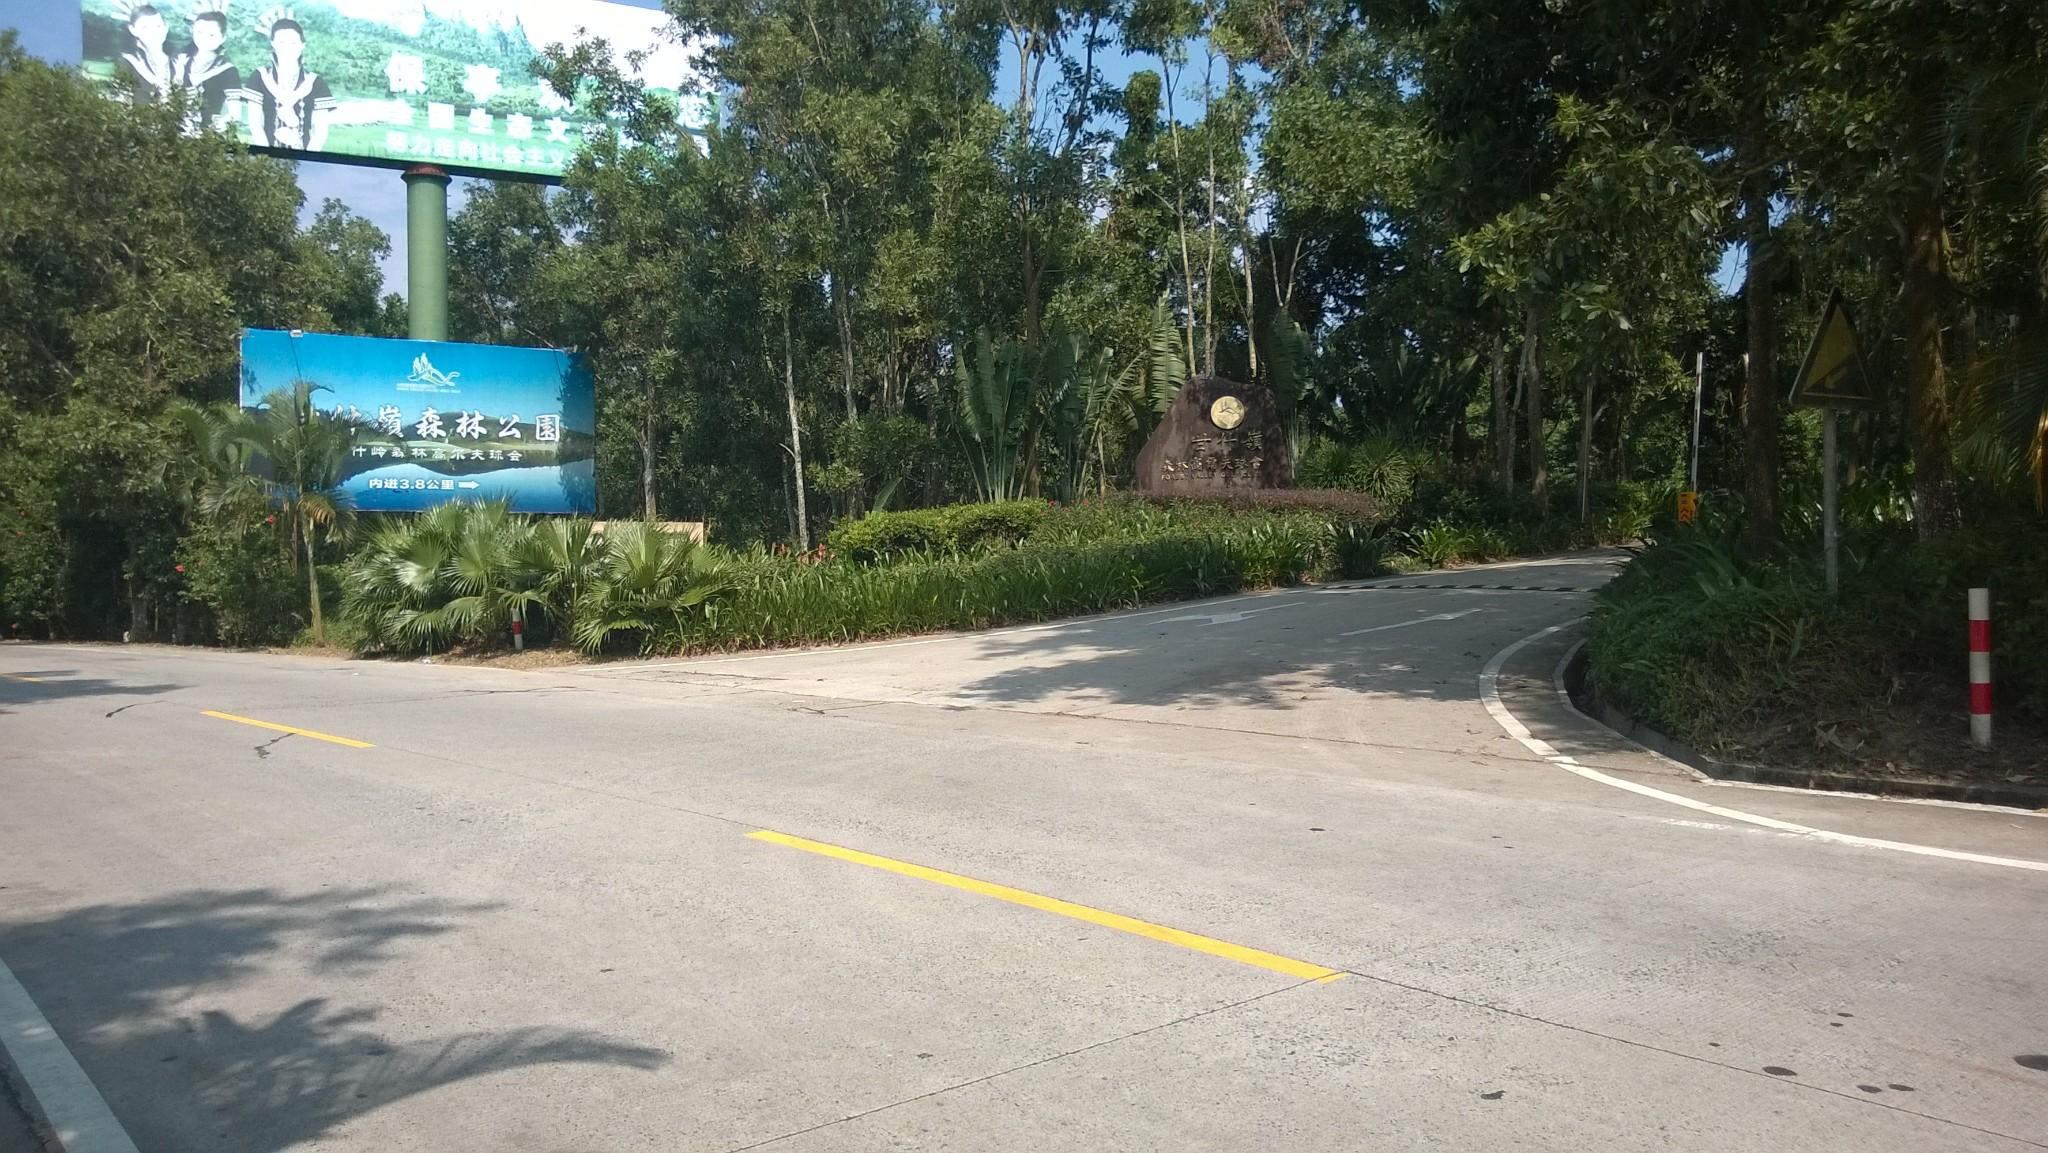 d2—— 第二十五站14.24甘什岭森林公园,距离224国道边3.8公里.